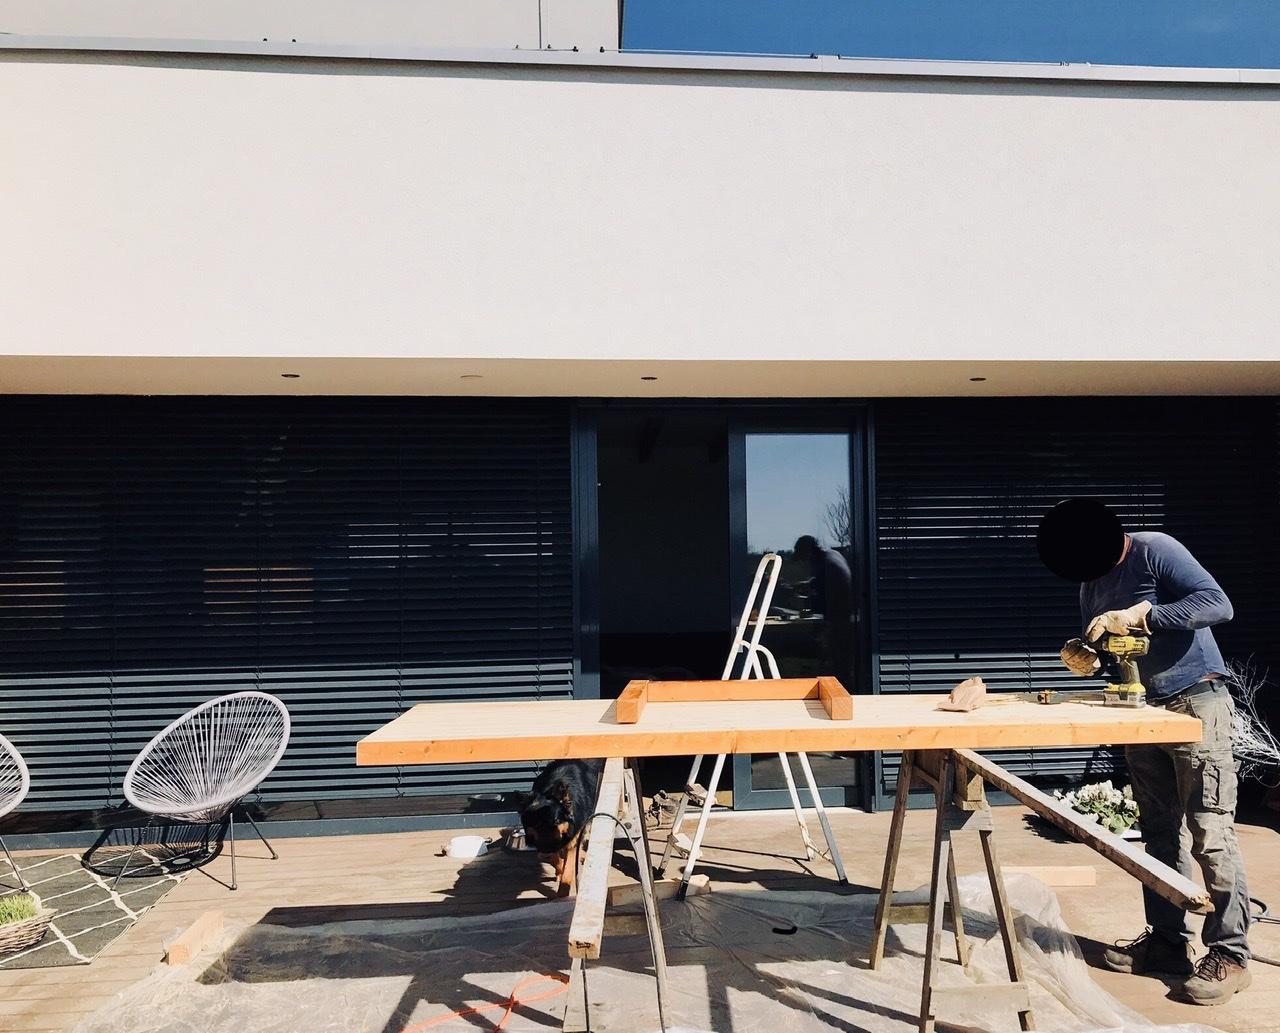 Naše L-ko - 2021 - stále dokončujeme - Výroba jedálenského terasového stola z štvorcových hranolov - drevo sme si dali napíliť pred 4 rokmi a čakalo až príde čas. Povodne to mal byt interiérový stol, ale bude na terasu, nakolko terasový sme si za tu dobu oblubili a zostava dnu